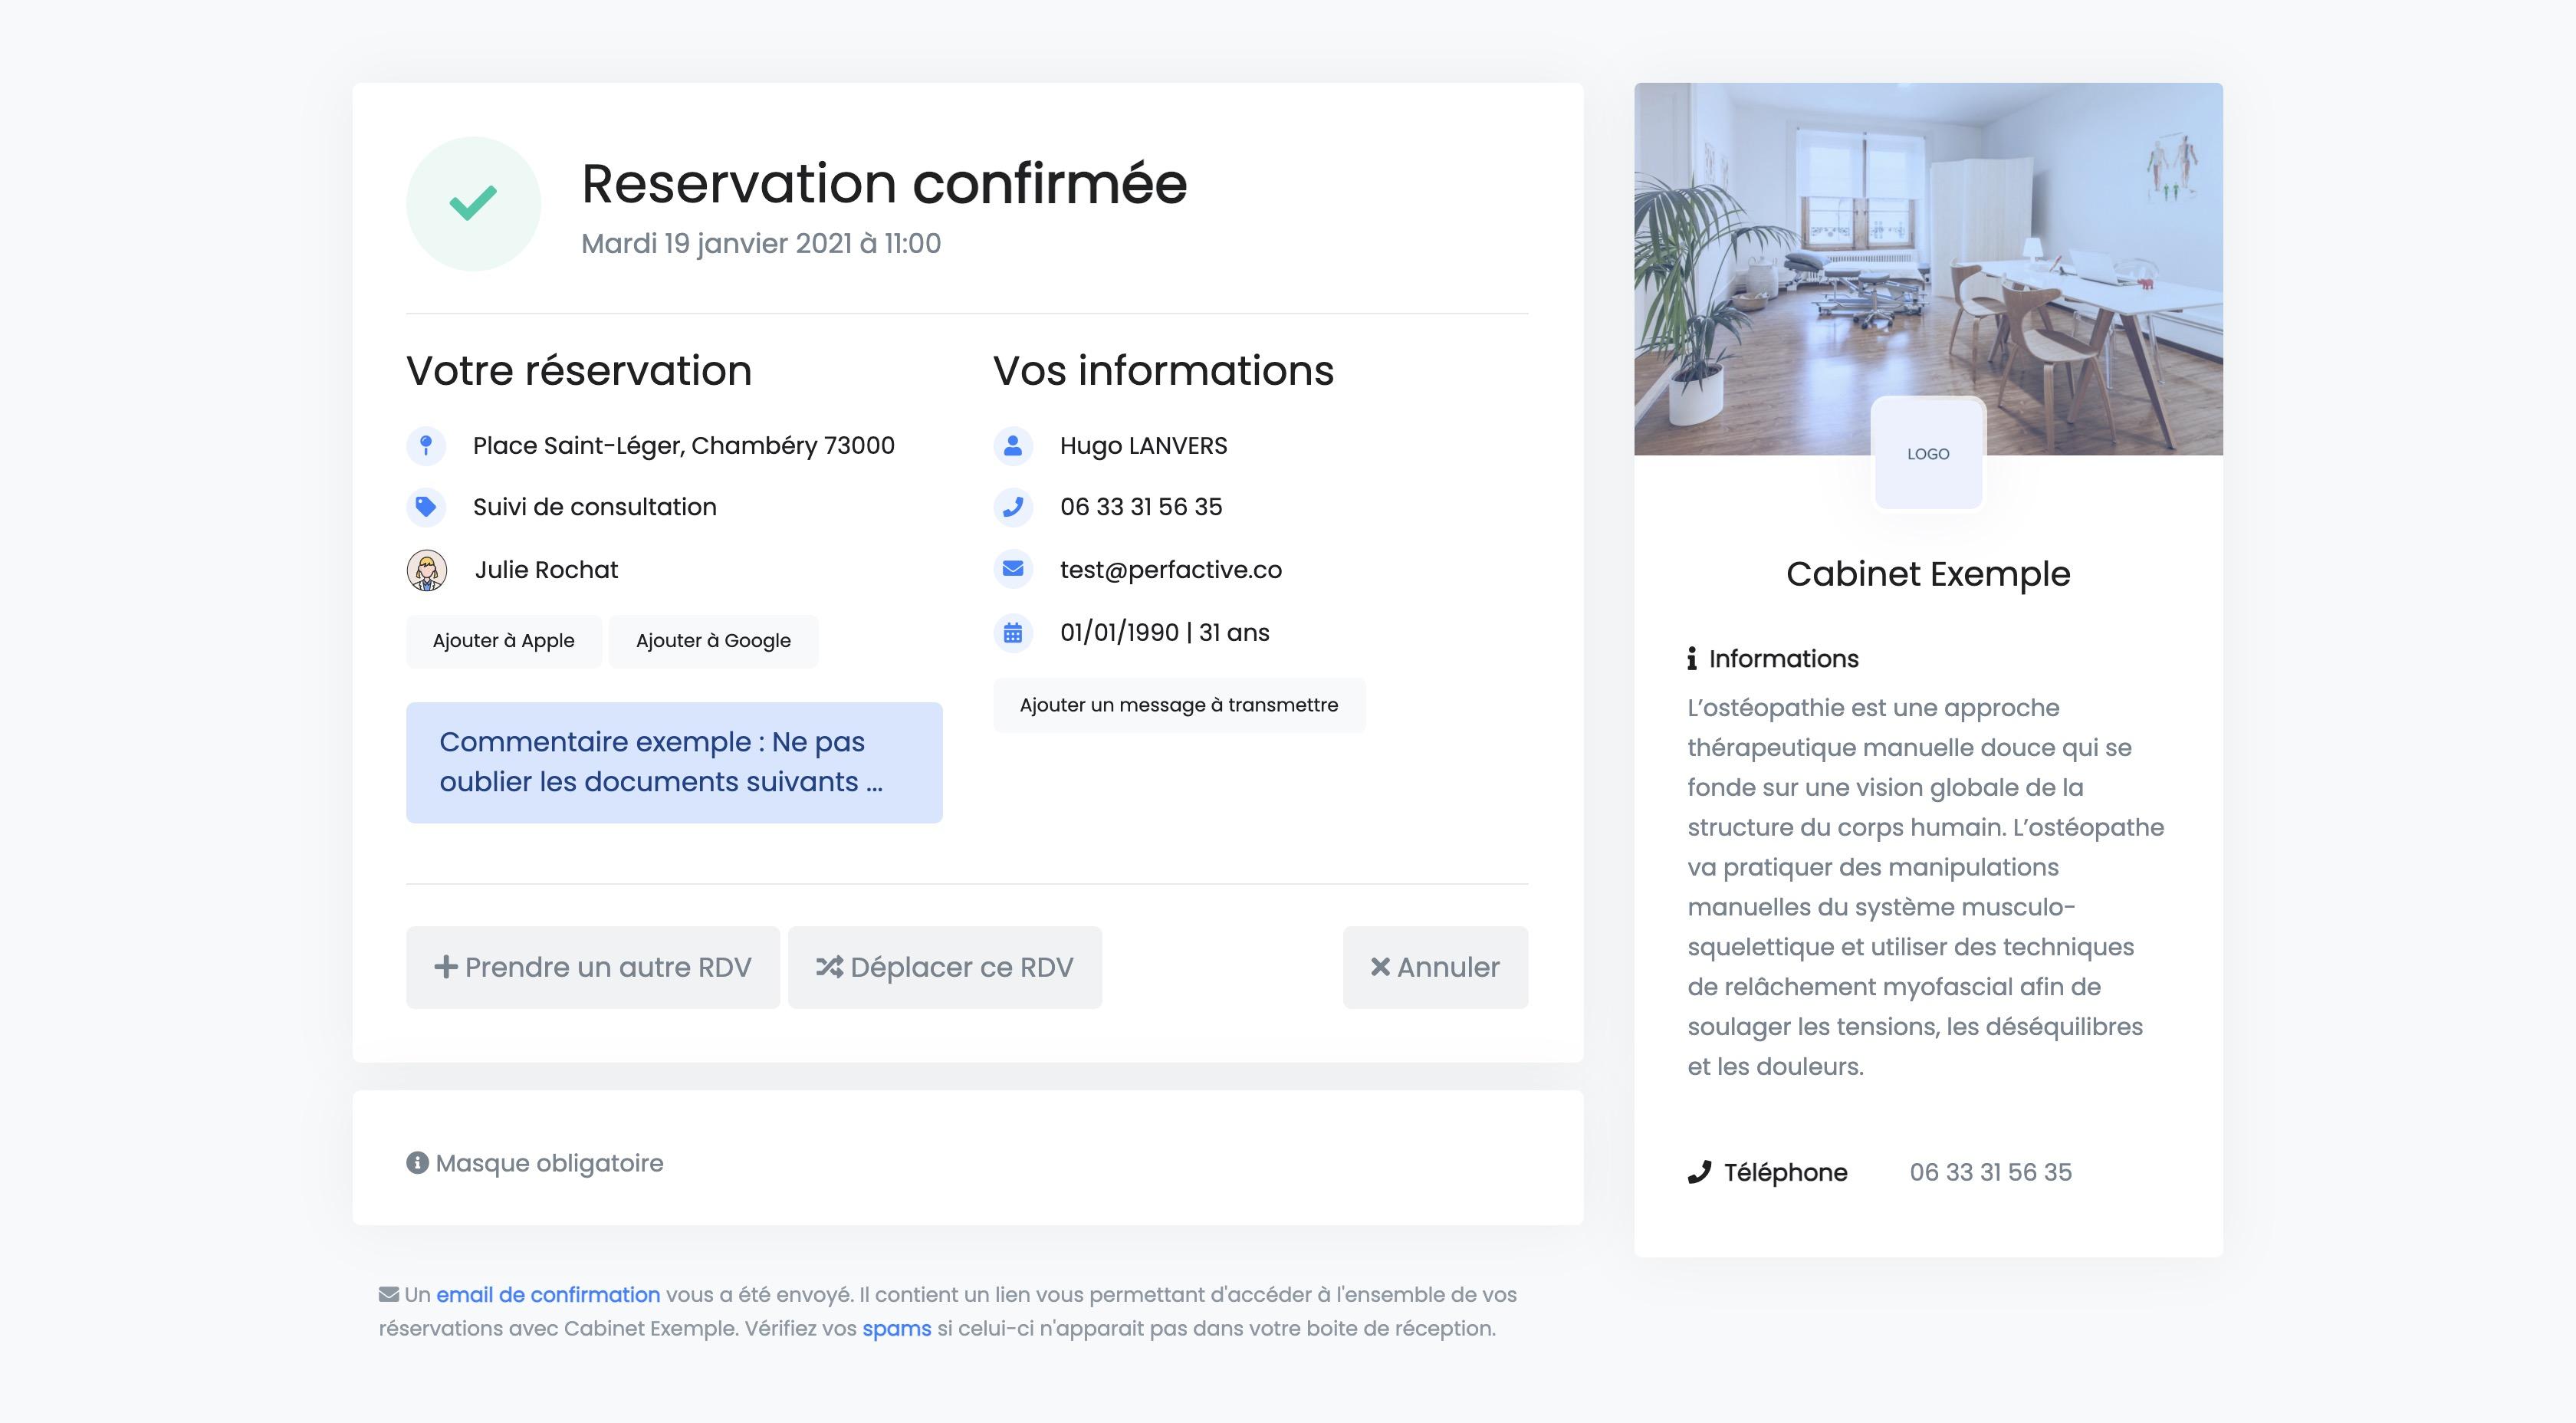 Réservation en ligne | Confirmation | THERACIEL